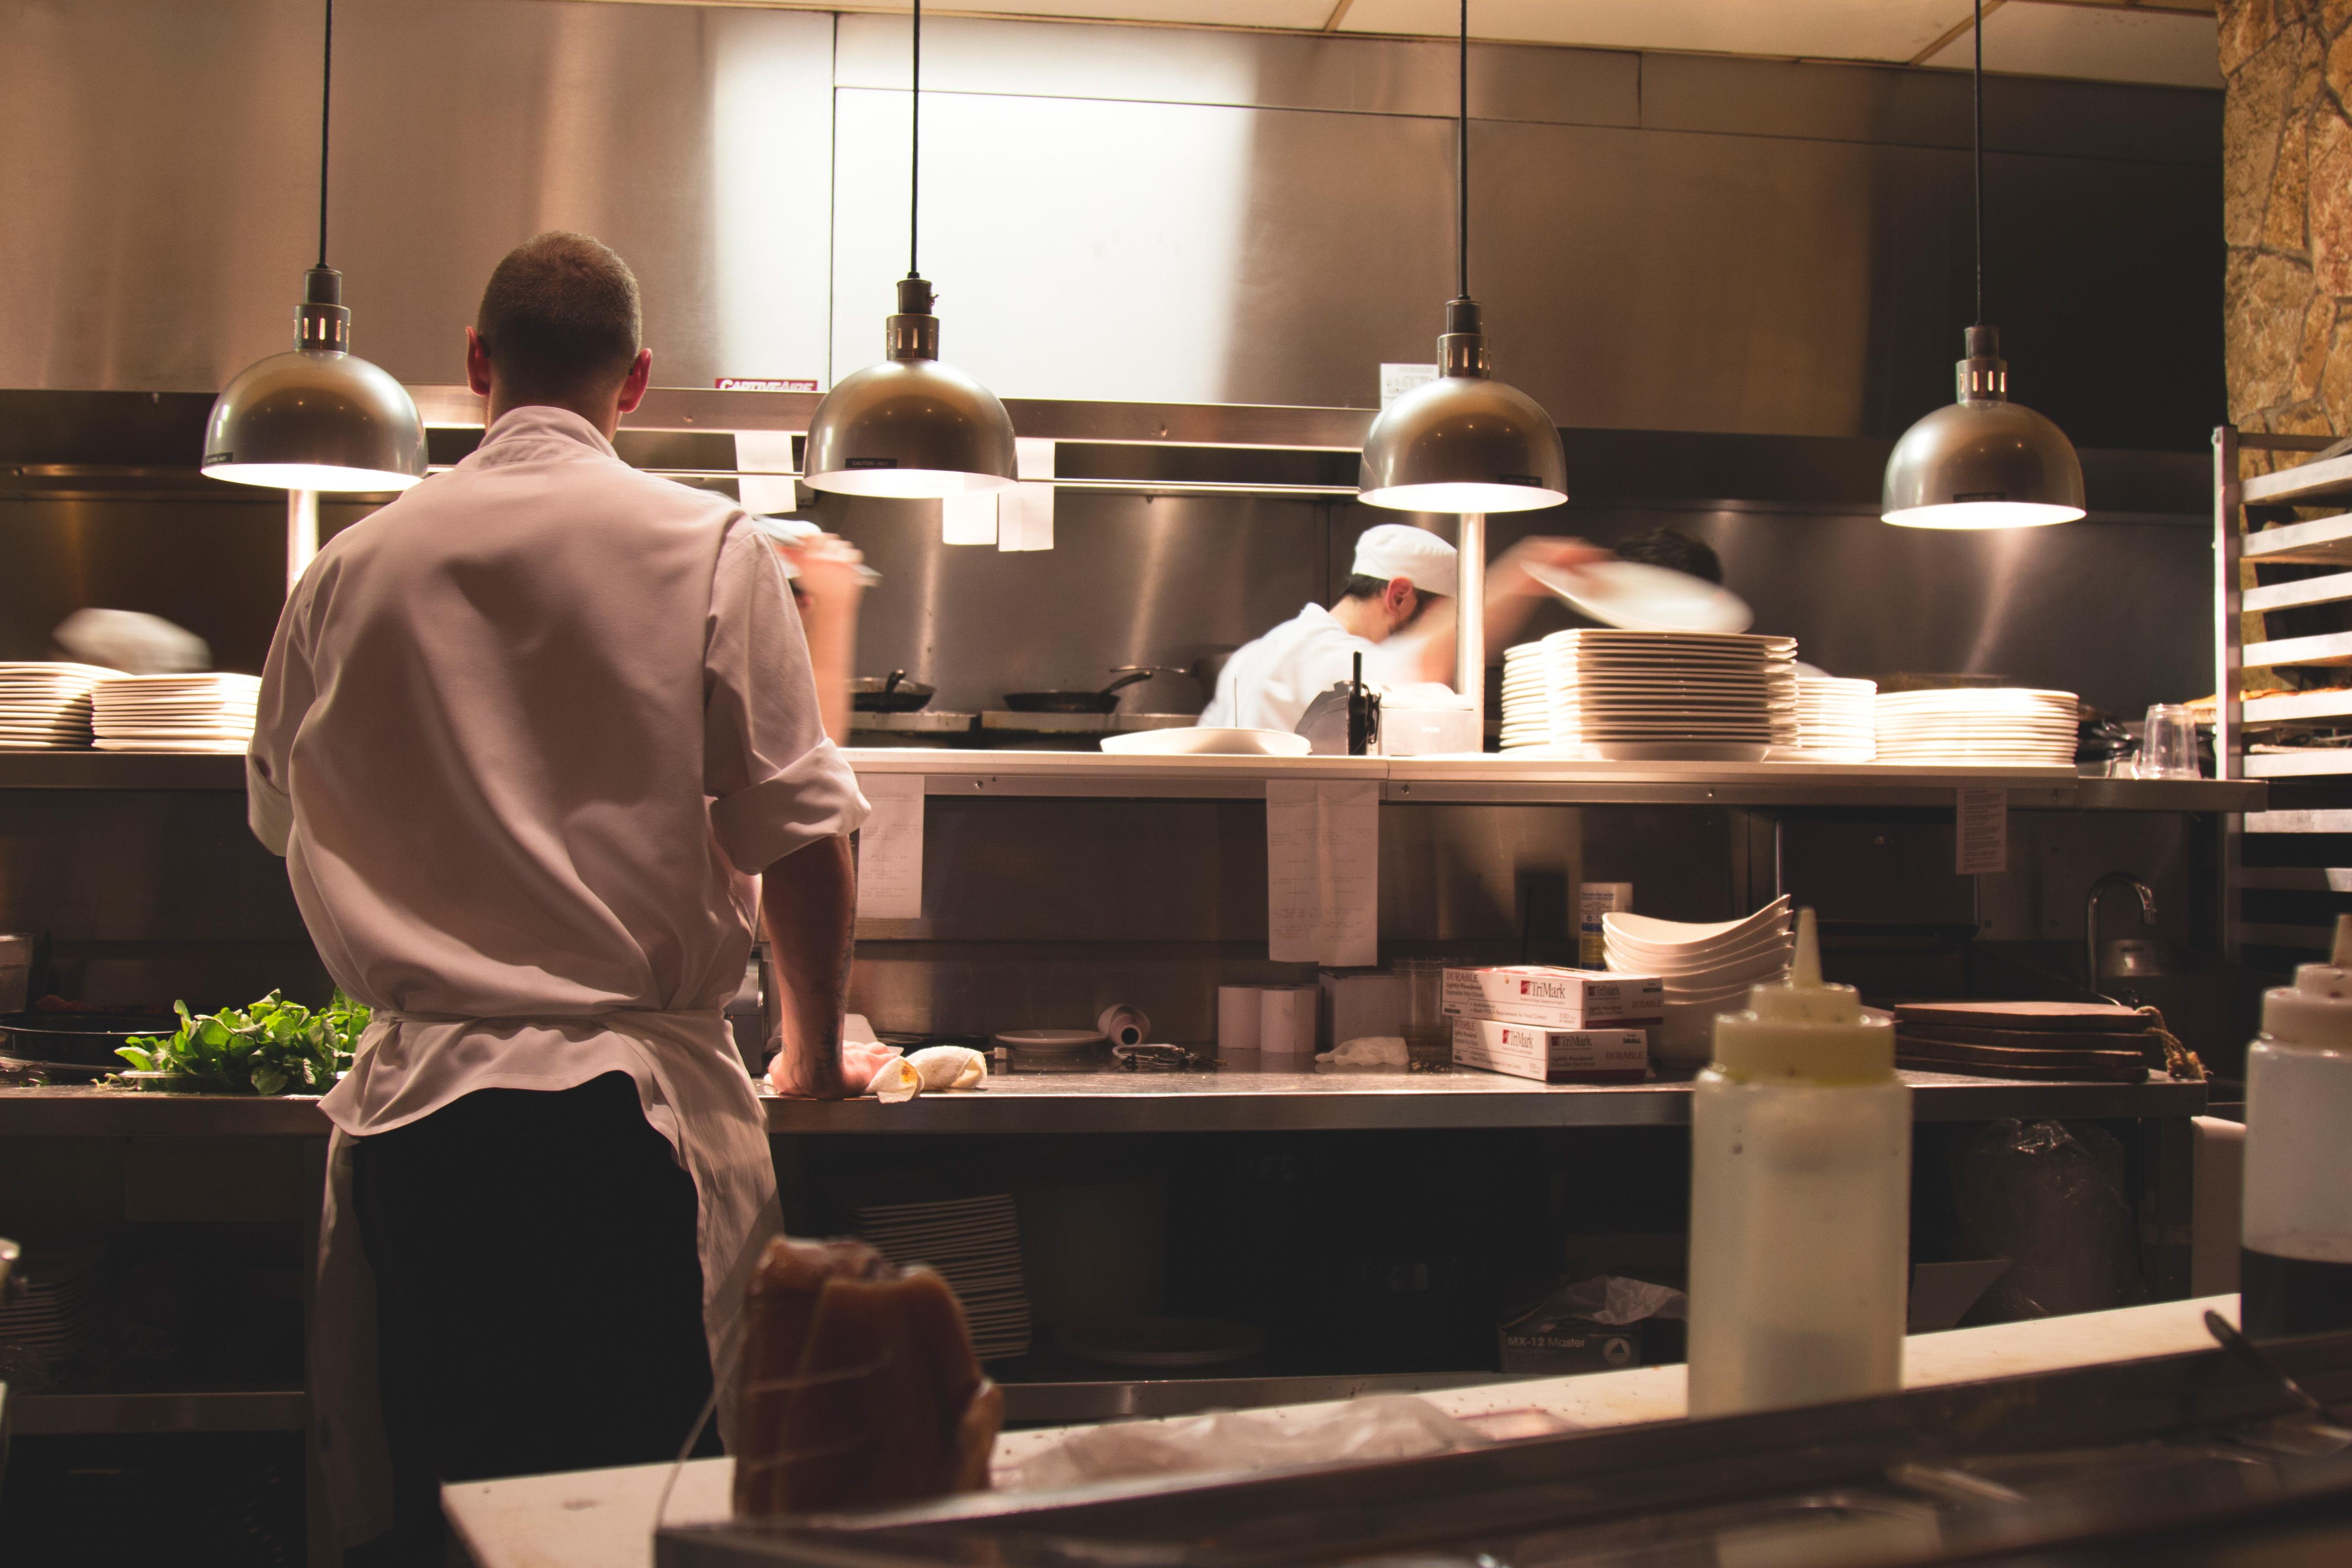 Das sind die 5 häufigsten Kündigungsgründe in der Gastronomie